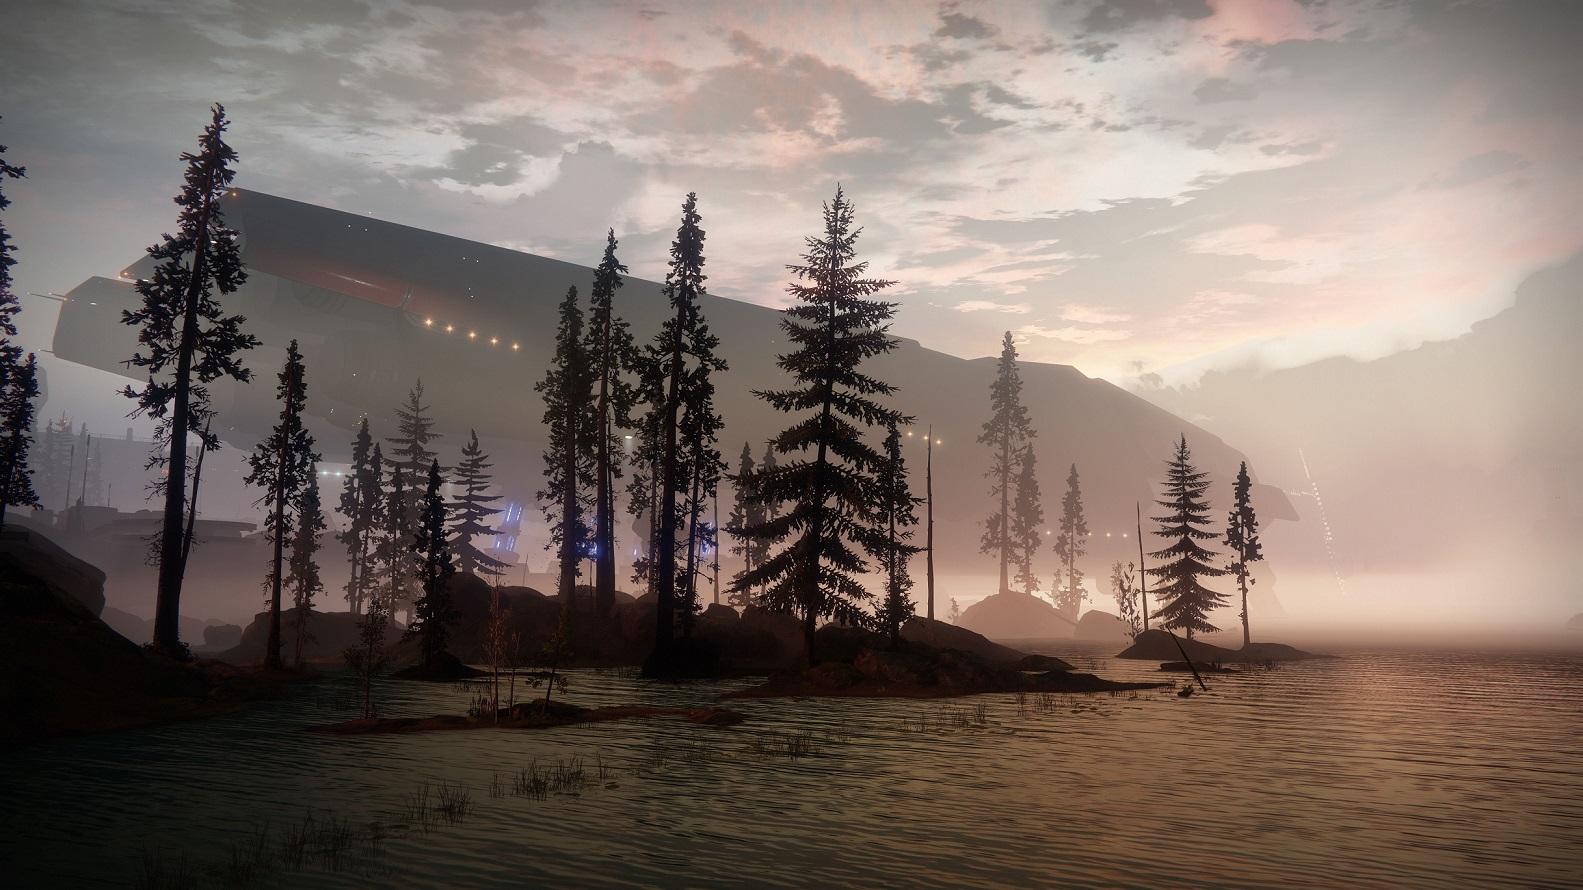 """Destiny 2: Europa, Titan, Nessus und Io – Das sind die vier neuen """"Welten"""""""